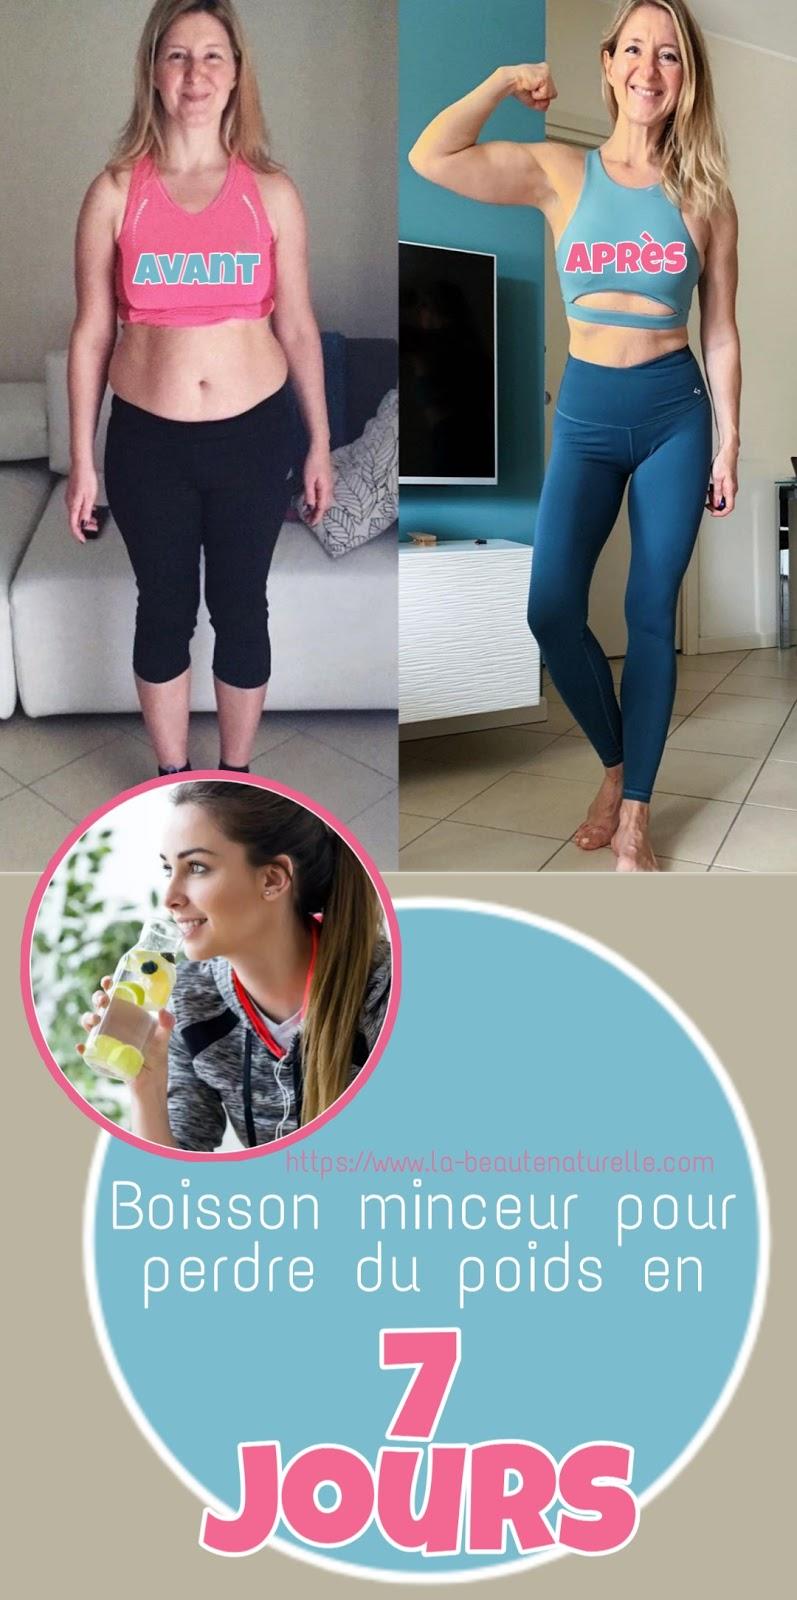 Boisson minceur pour perdre du poids en 7 jours